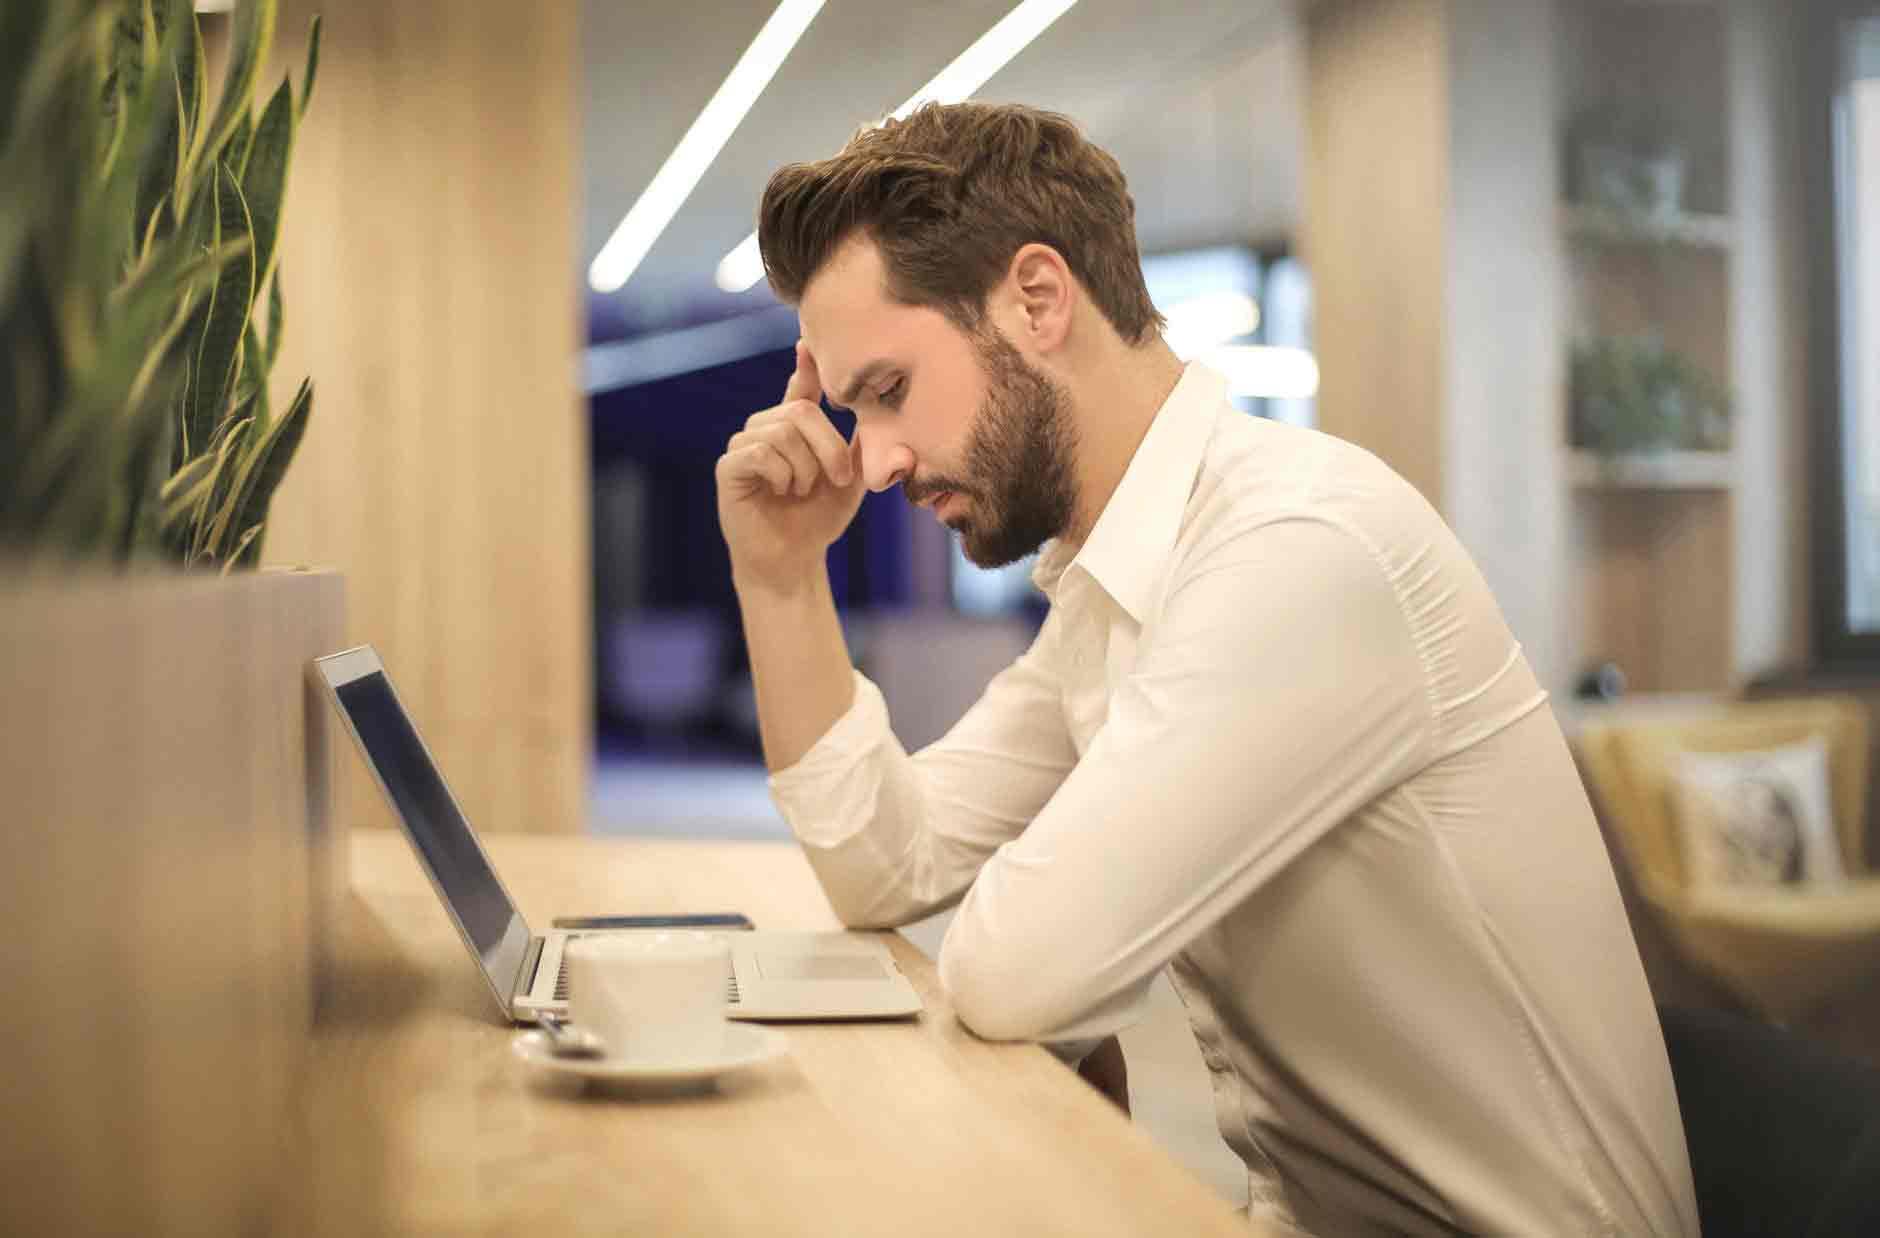 Problema Jurídico. Foto: homem sentado no computador pensando sobre o seu problema e como o solucionar.jpg